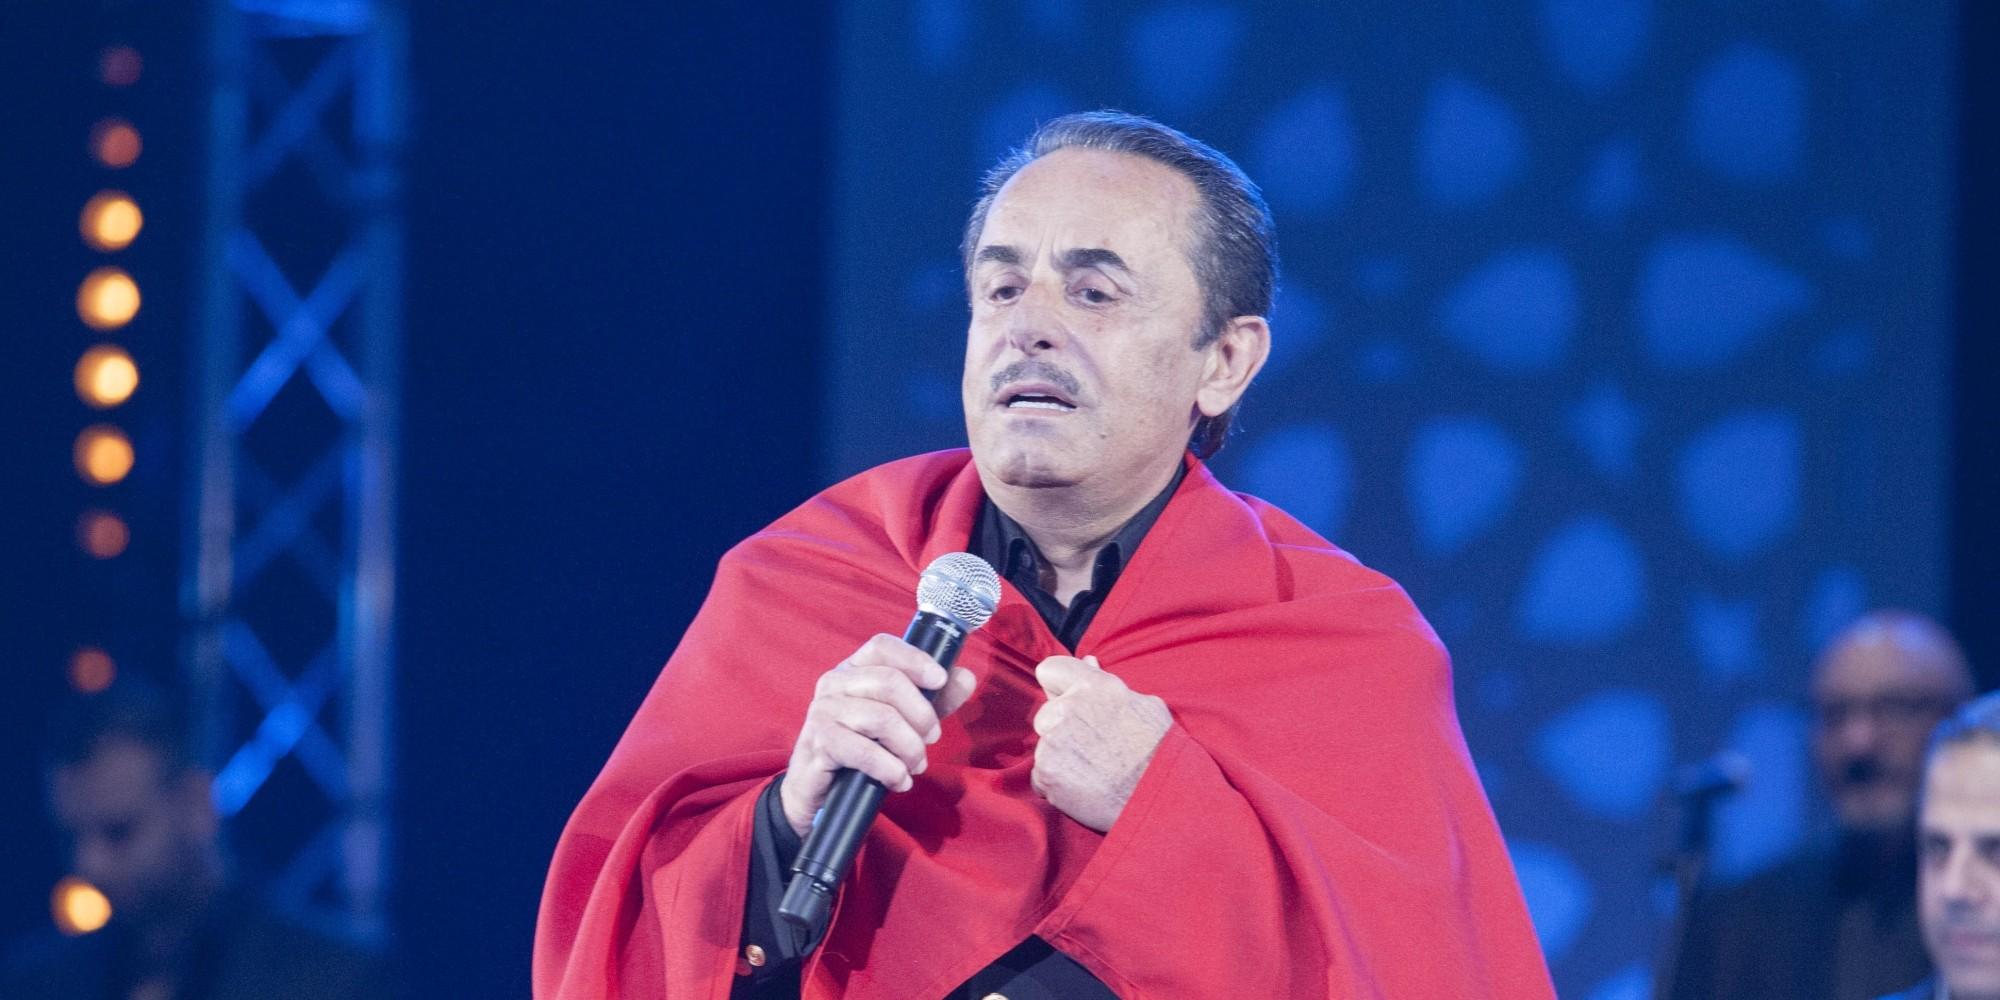 Nous apprenons le décès du chanteur libanais Melhem Baraket